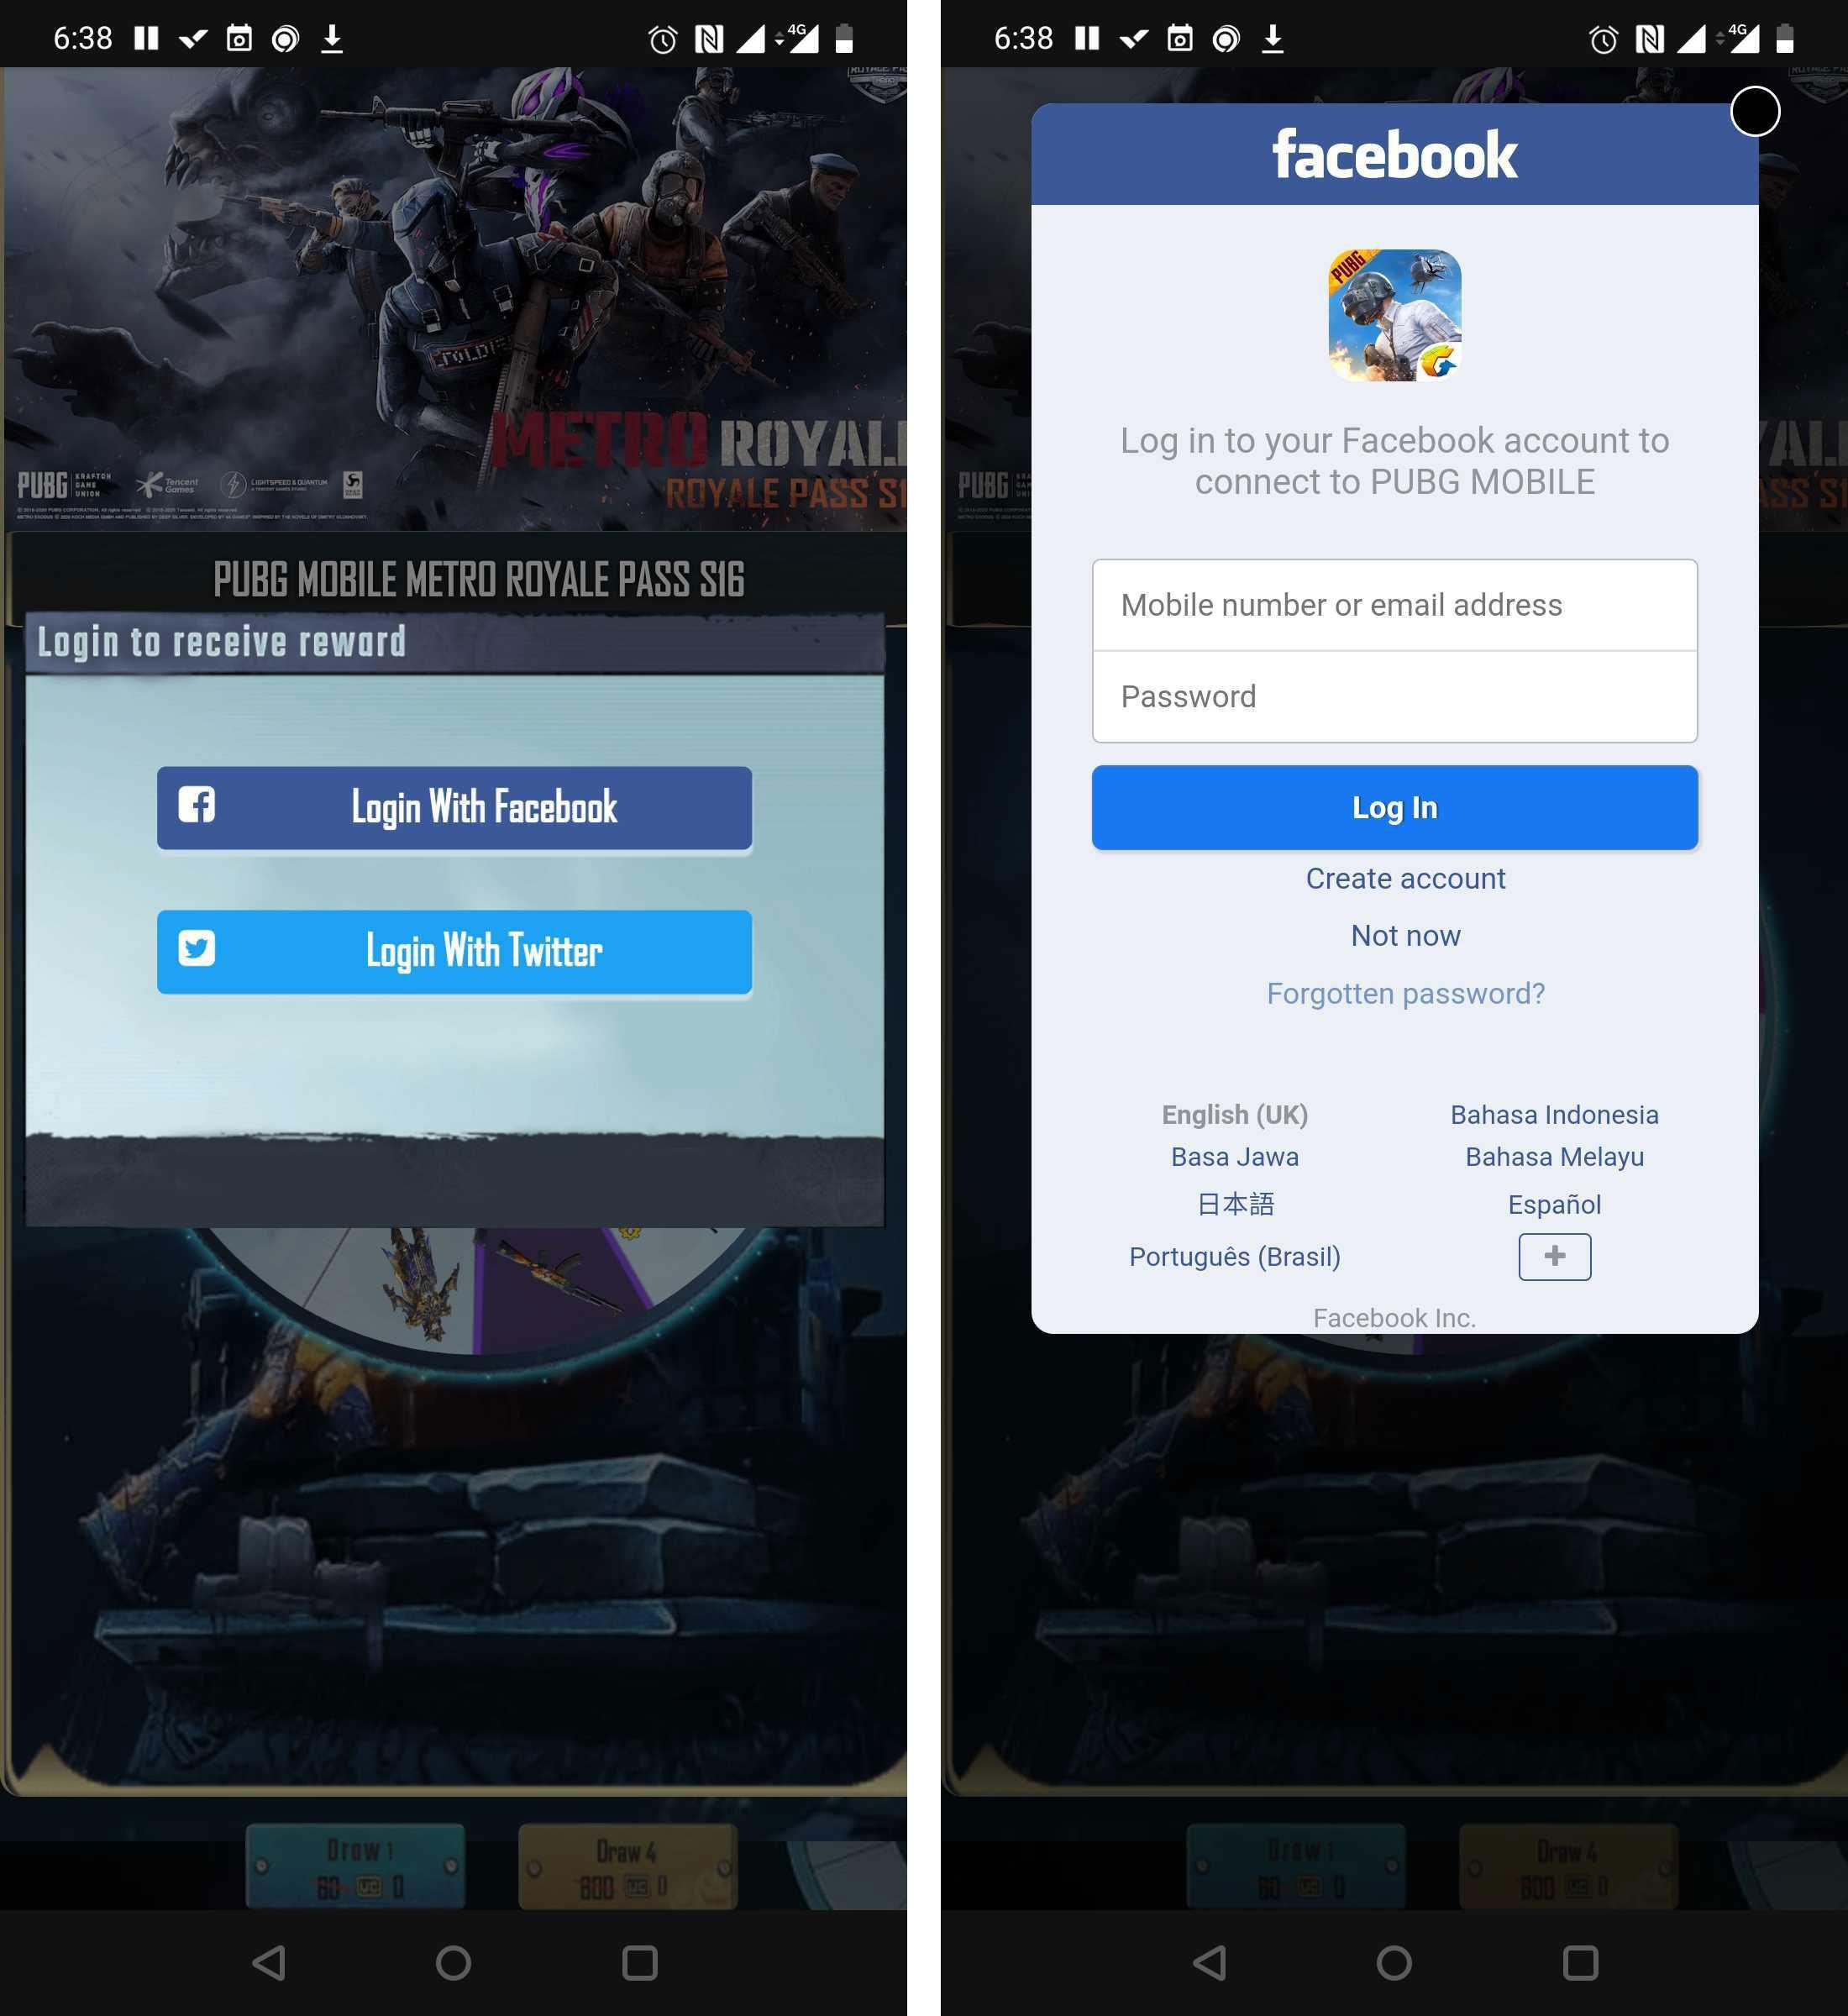 TwitterまたはFacebookでのログインオプションがある。SNSでのログインは『PUBG Mobile』ユーザーにはおなじみの方法